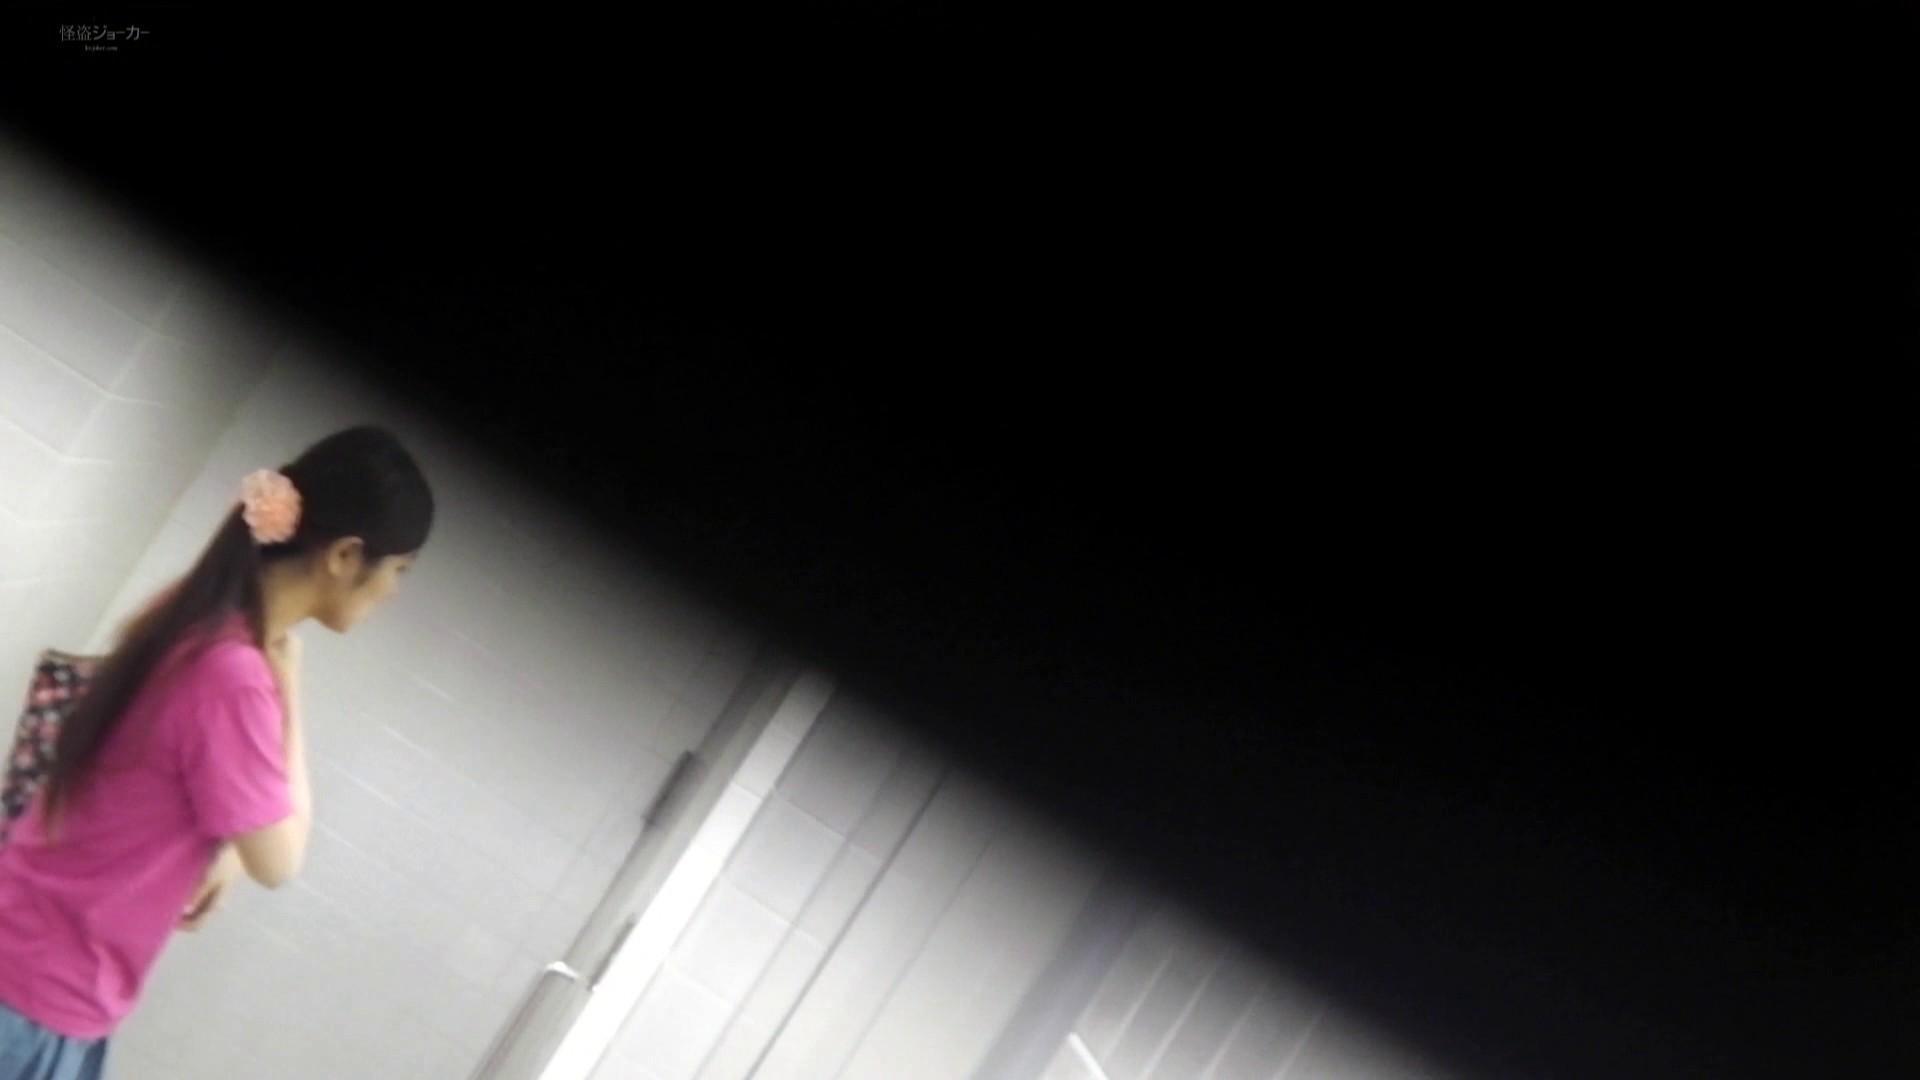 お銀 vol.68 無謀に通路に飛び出て一番明るいフロント撮り実現、見所満載 OL | 美人コレクション  57連発 9